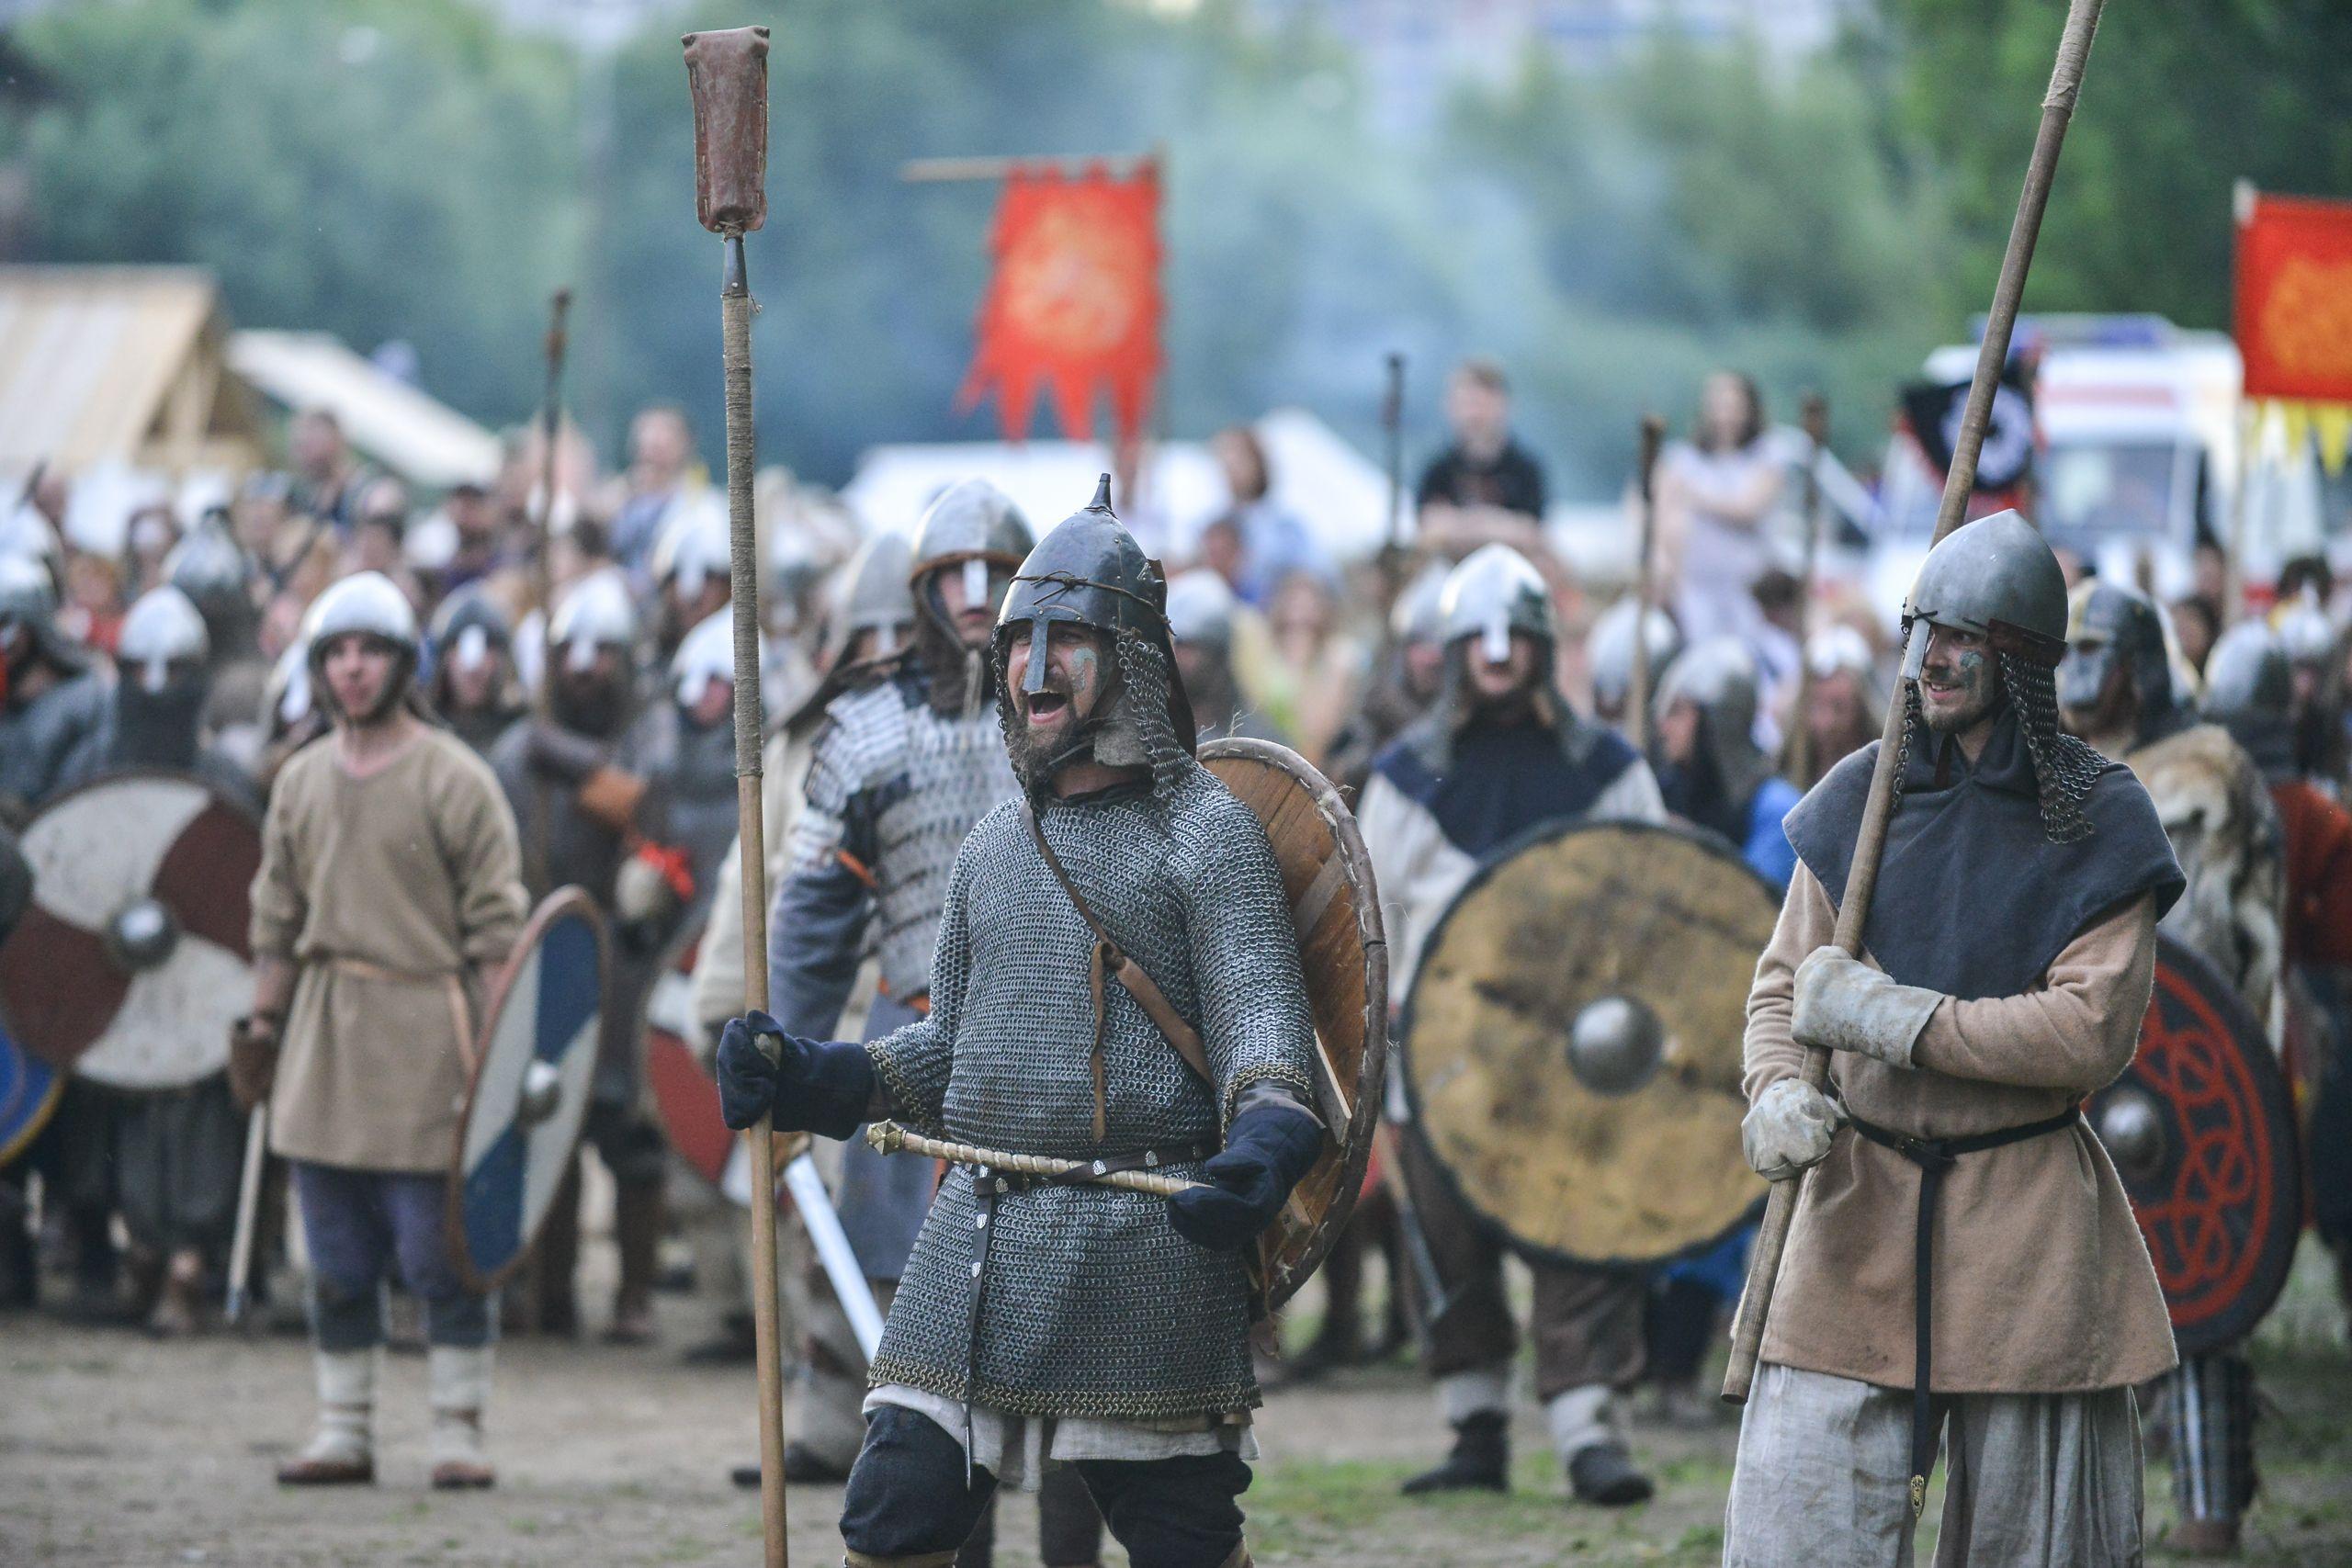 Культурно-исторический фестиваль организуют в Сосенском